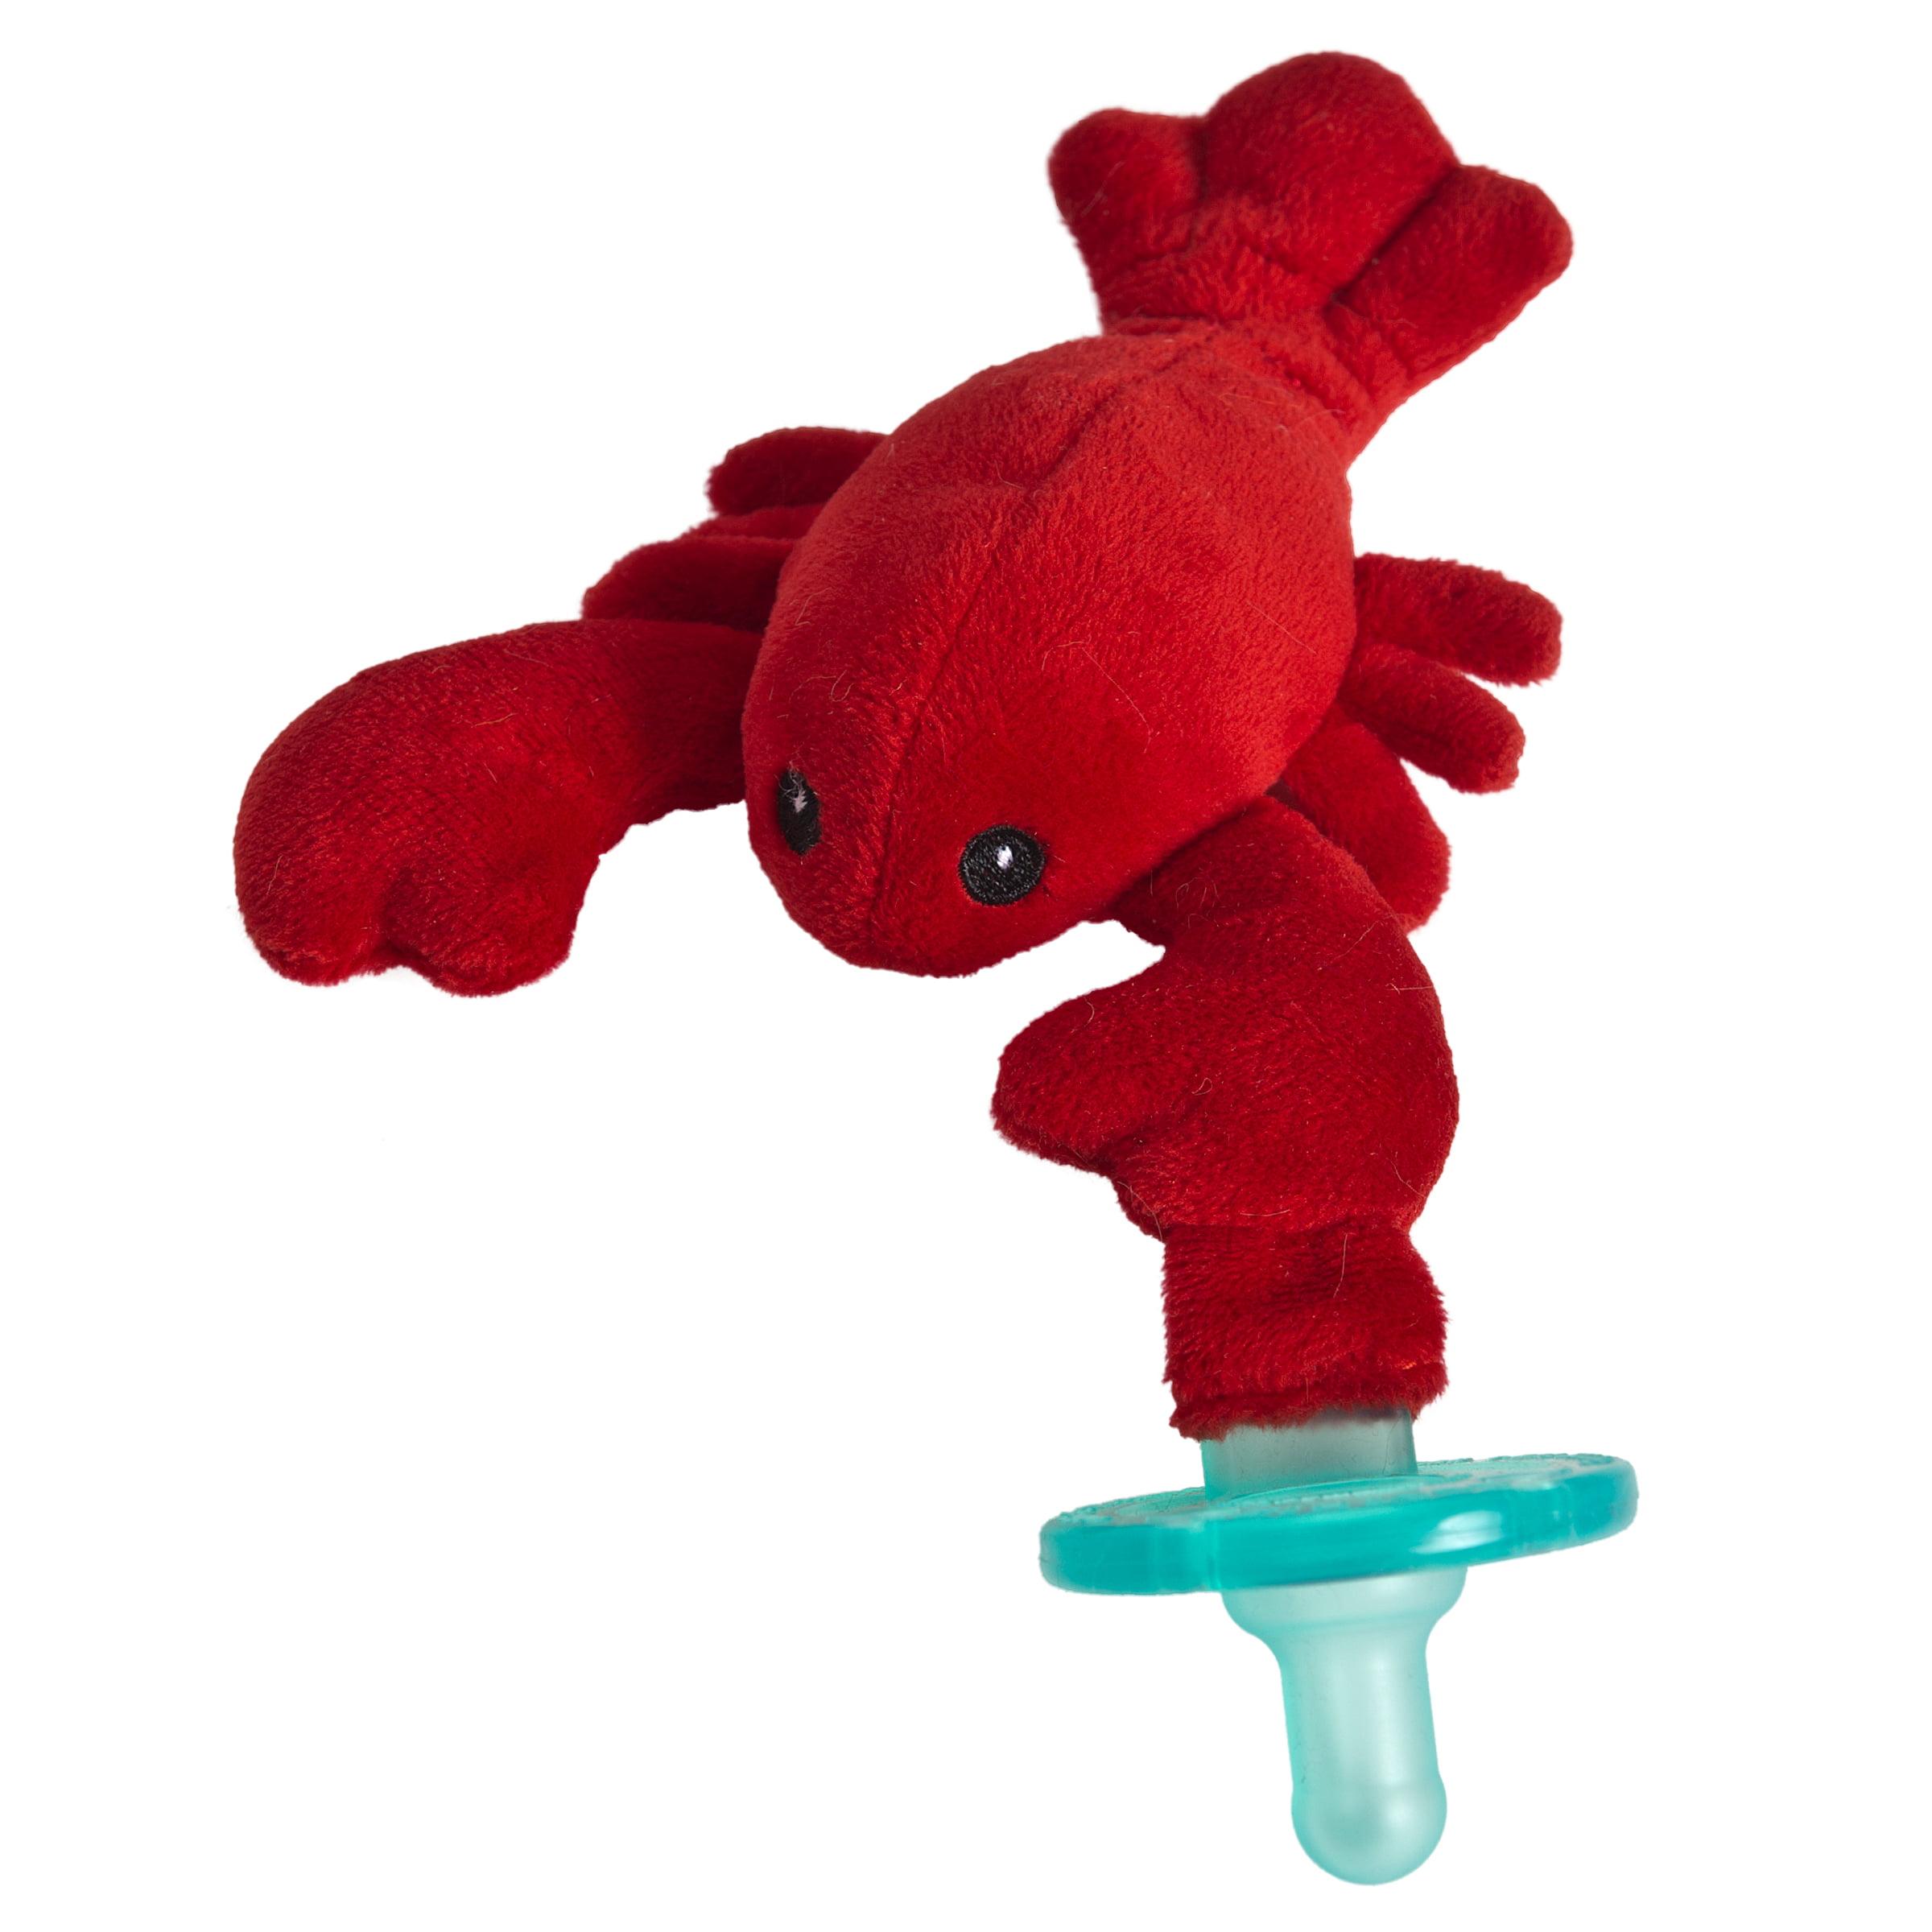 Wubbanub Lobbie Lobster Infant Pacifier Mary Meyer Limited Edition by Wubbanub